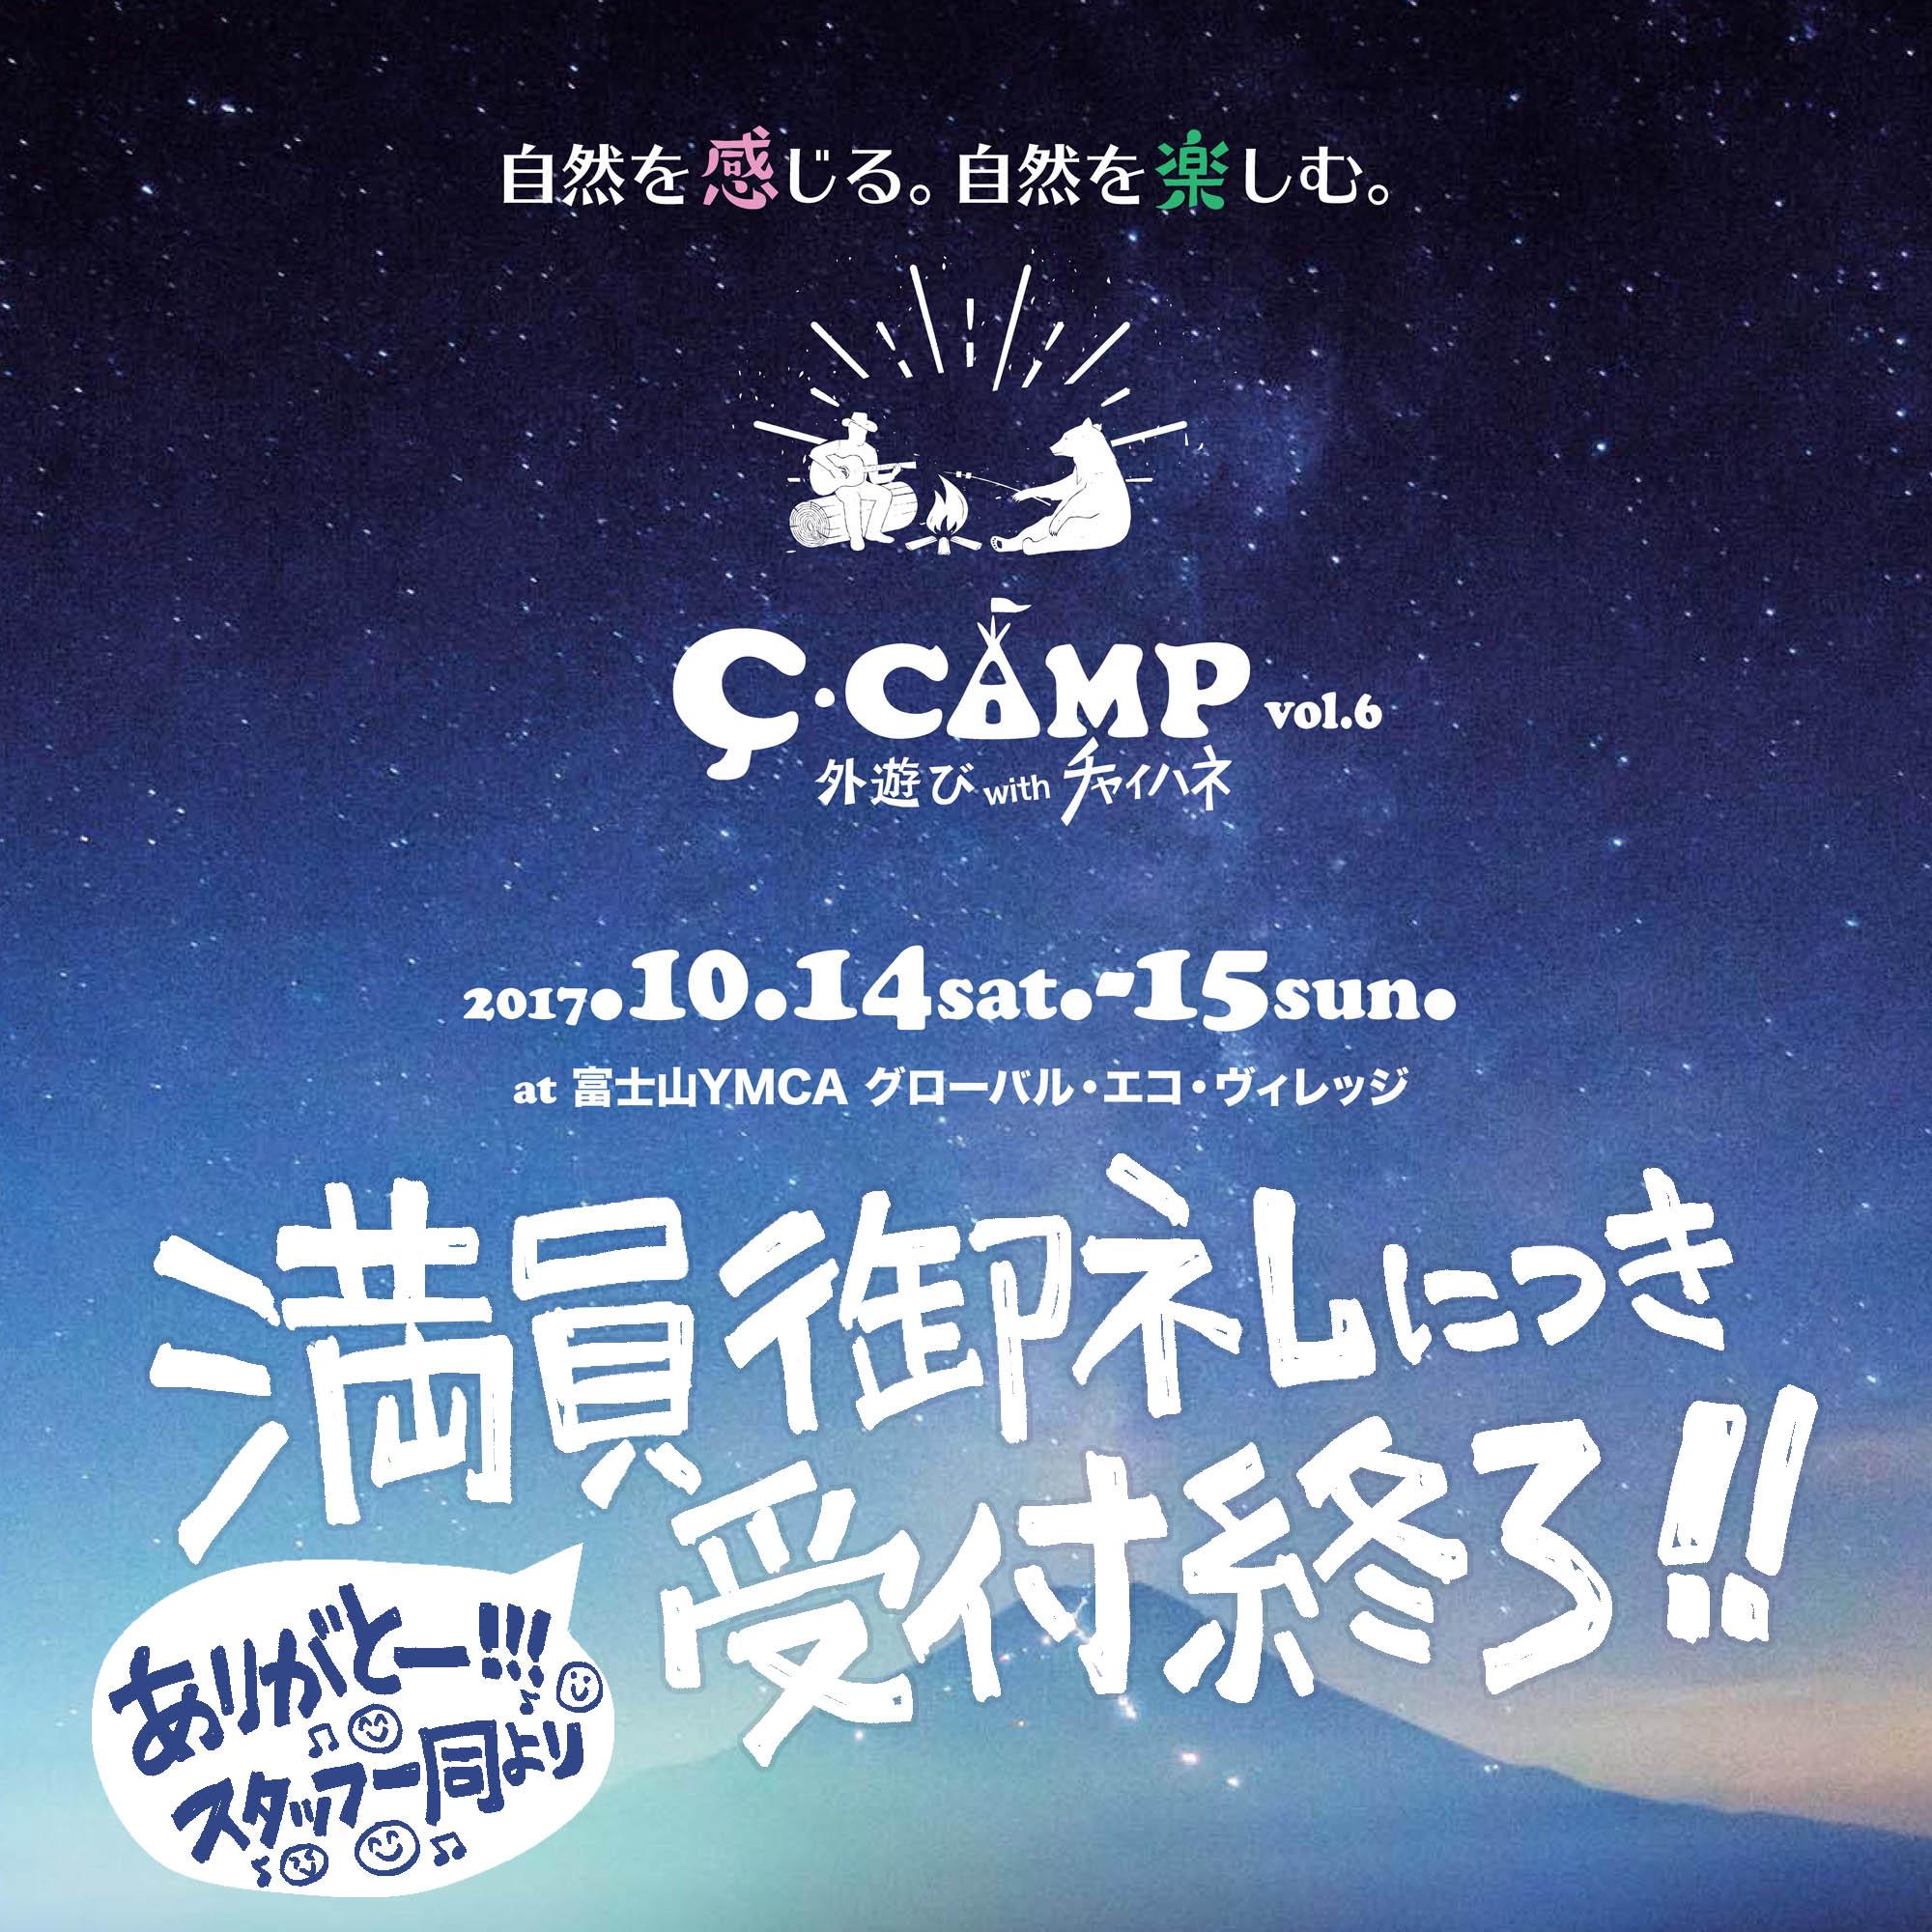 チャイハネ エスニック キャンプ 外遊び ワークショップ C-CAMP チーキャンプ 富士山YMCA